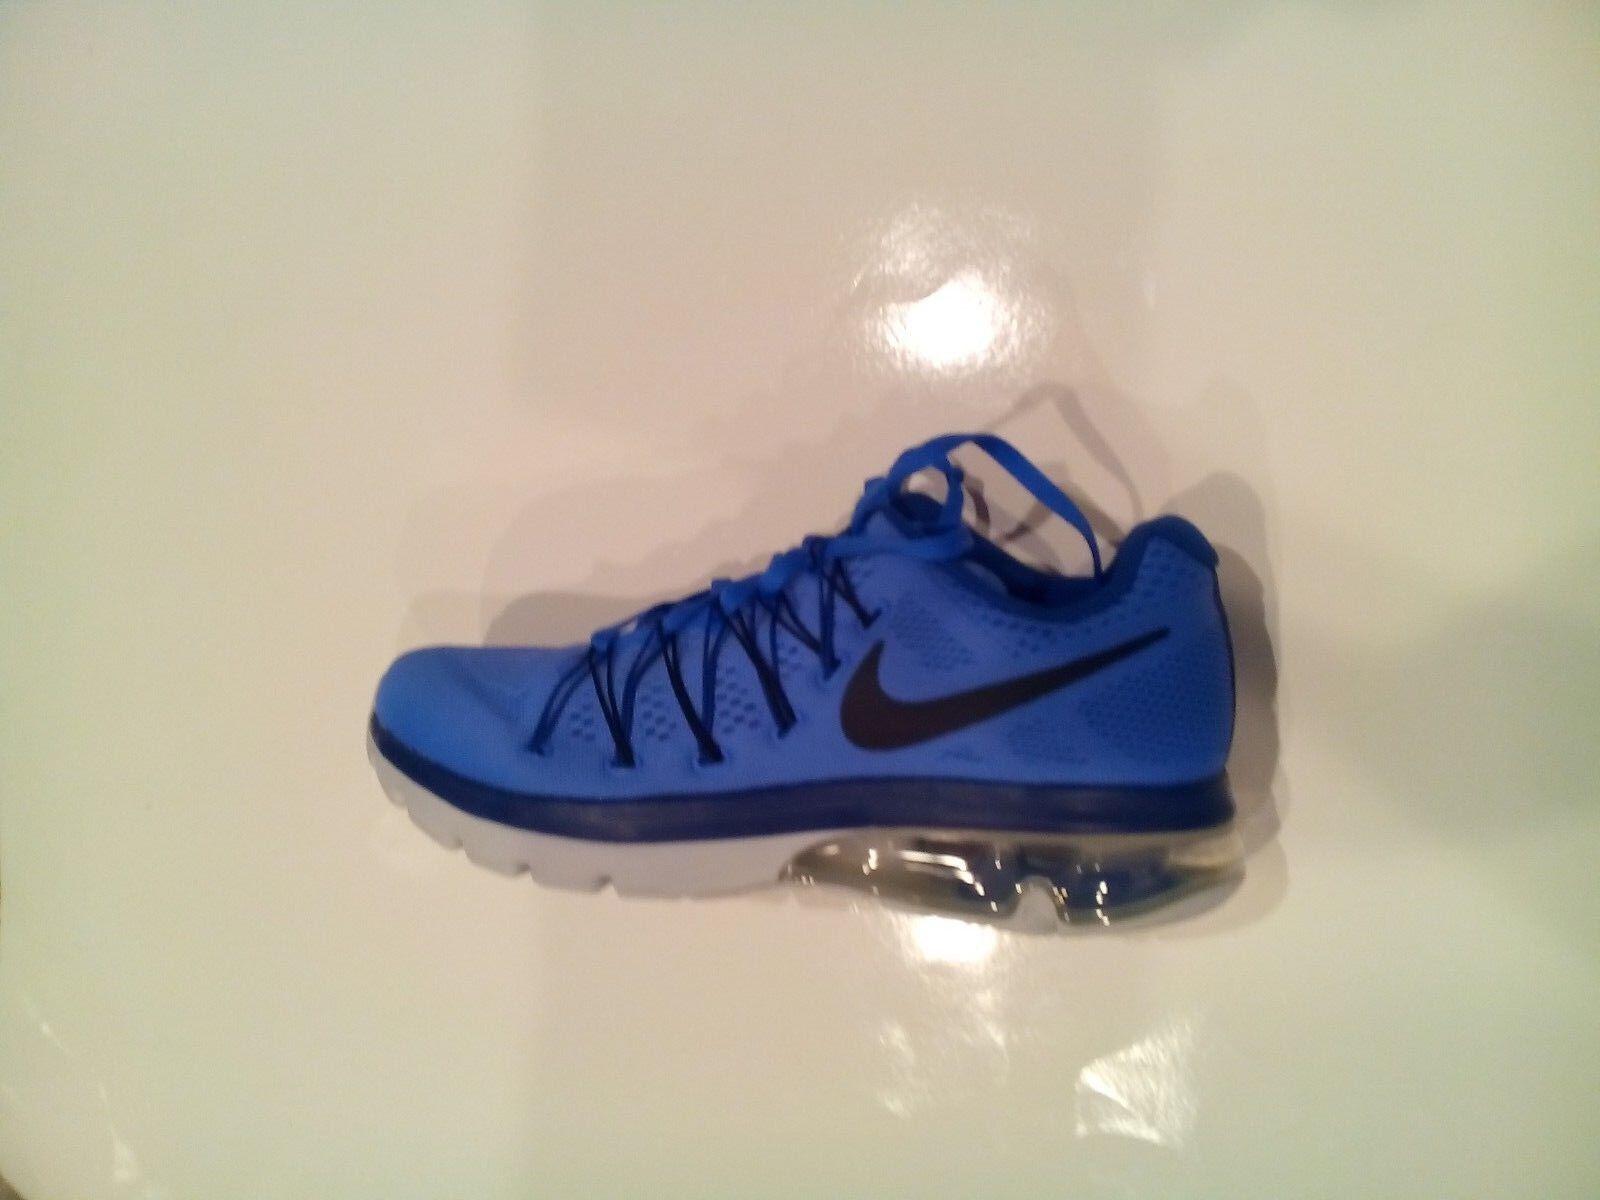 Nike Air Max Excellerate 5 bleu hommesChaussuresTaille 7.5 852692 401 New